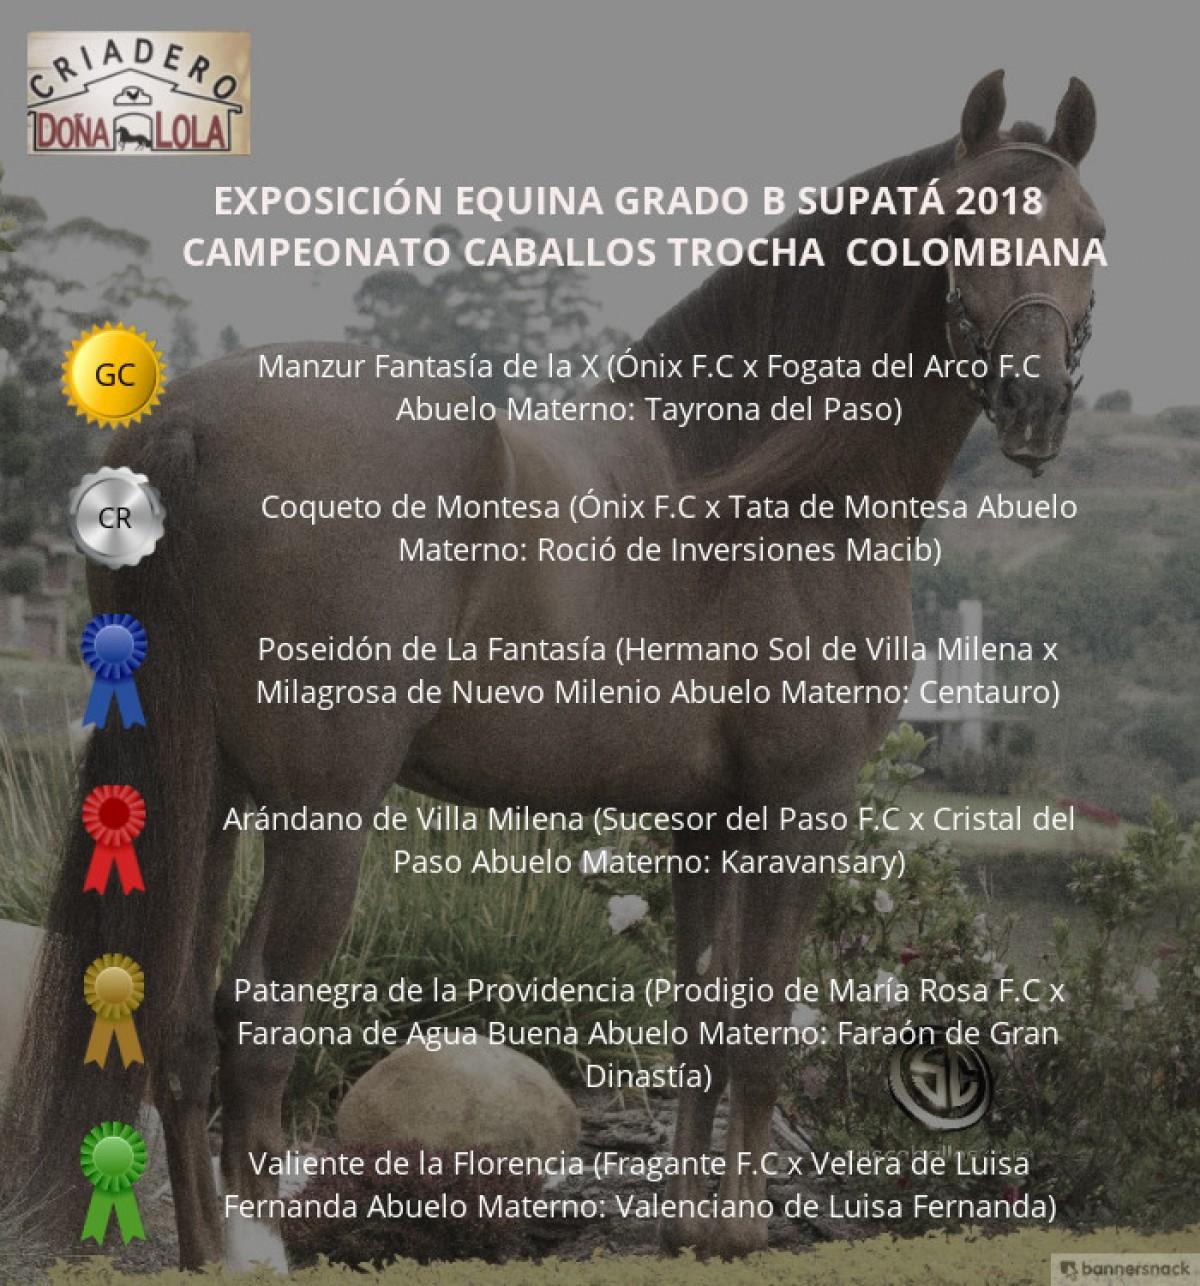 VÍDEO: Manzur Campeón, Coqueto Reservado, Supatá Grado B 2018